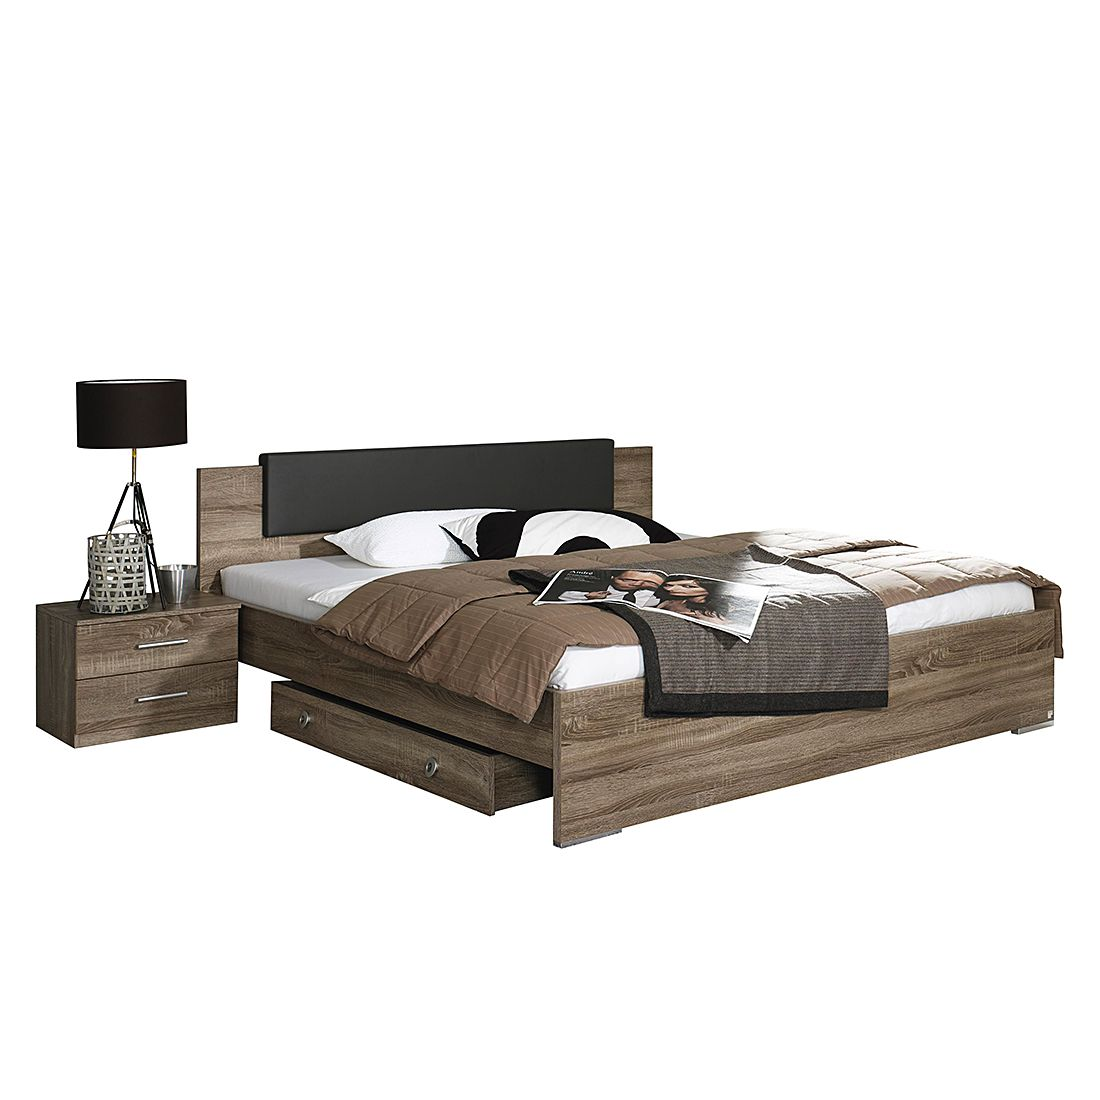 home24 likeandlove. Black Bedroom Furniture Sets. Home Design Ideas